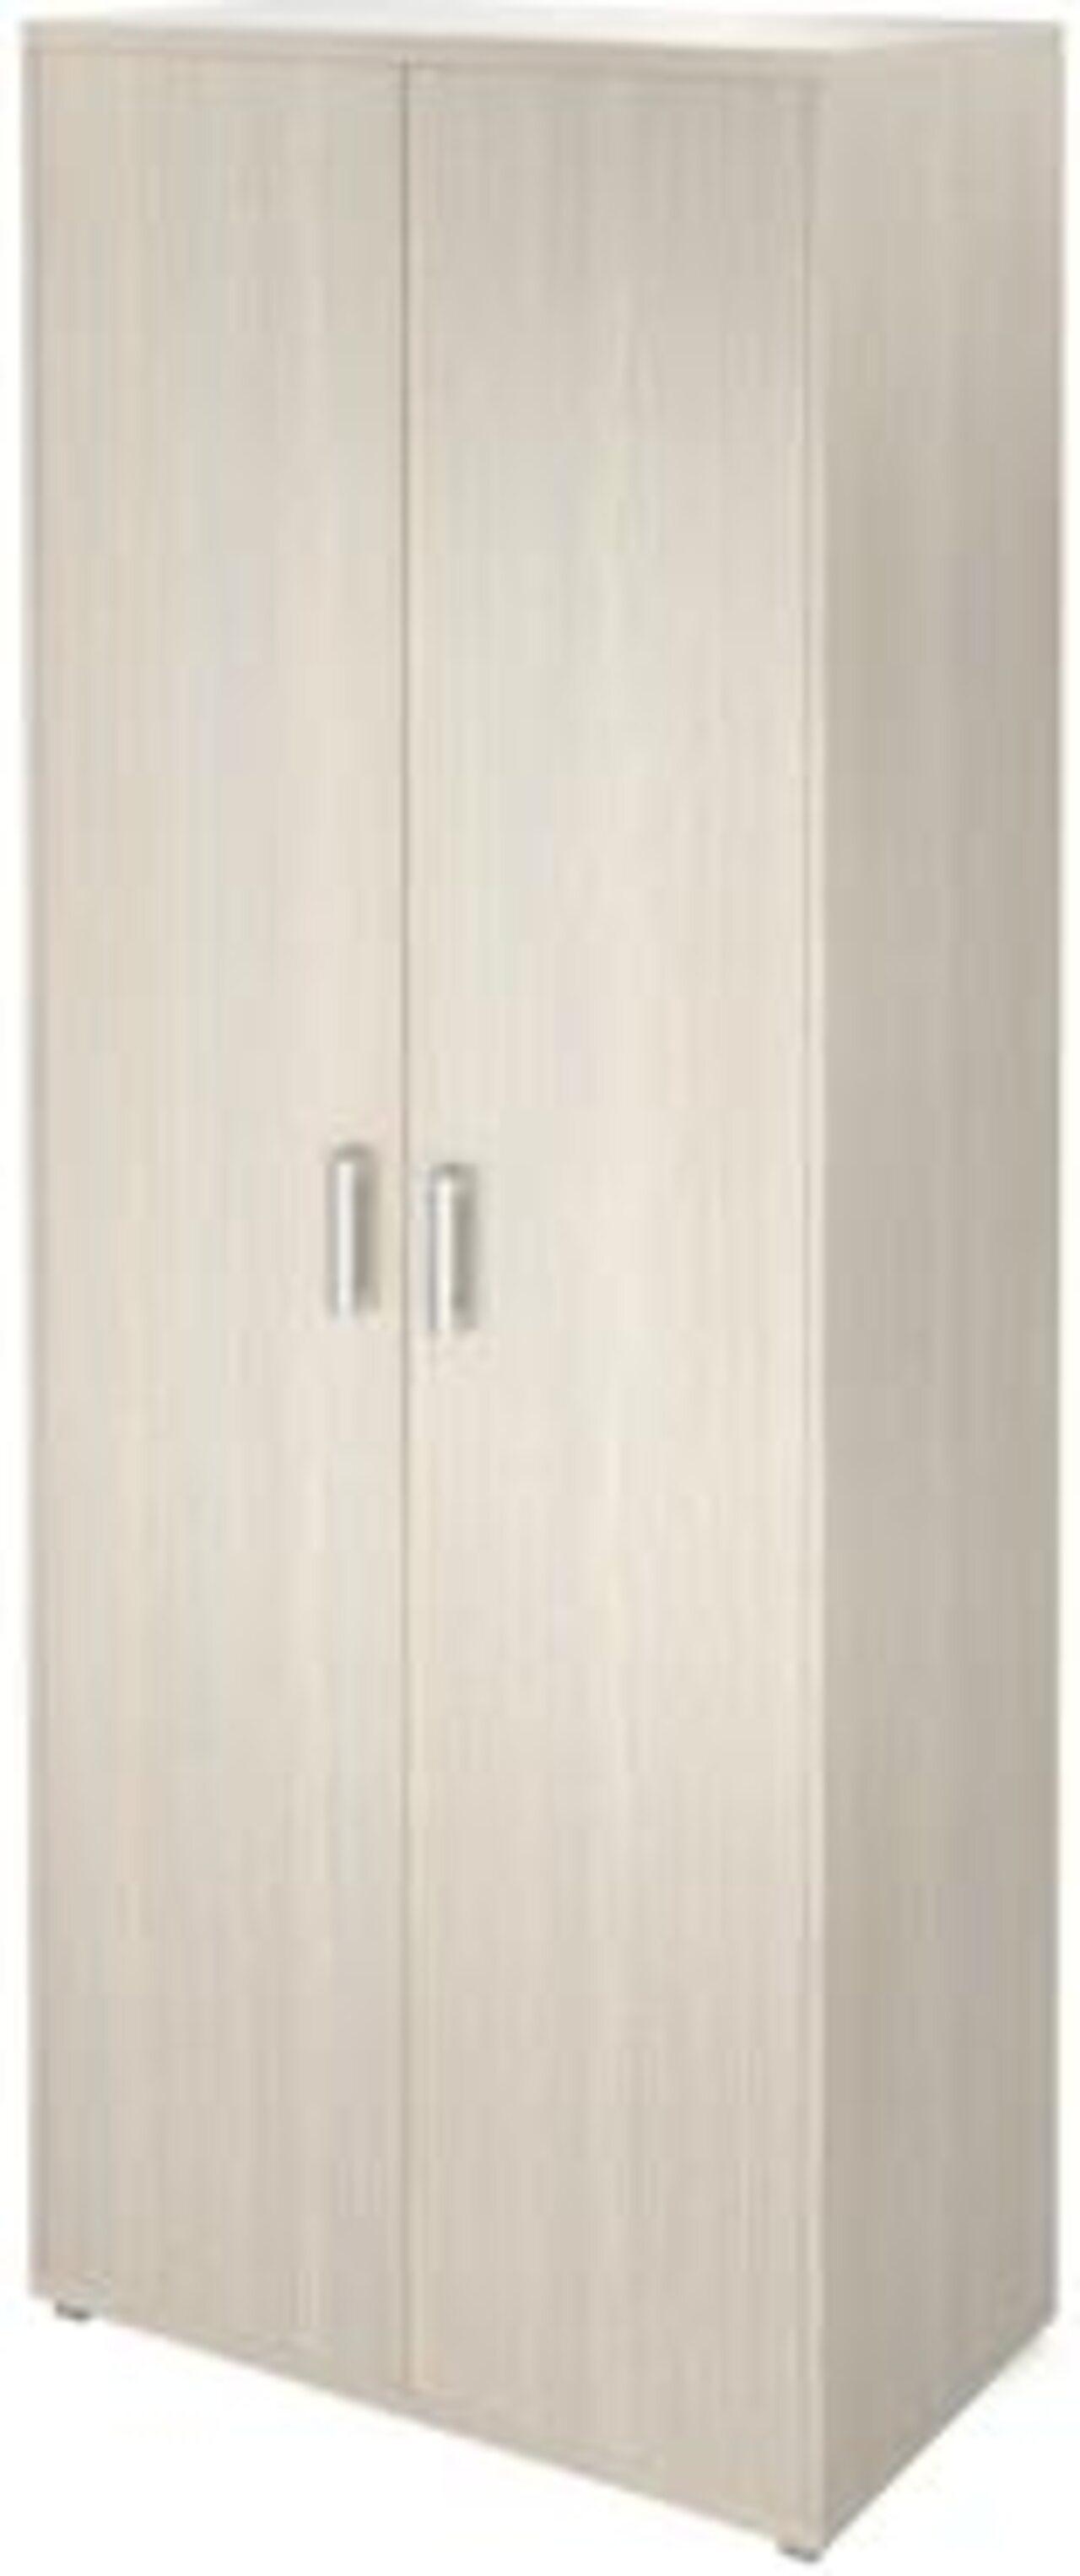 Шкаф для одежды  Аргентум 90x45x205 - фото 6